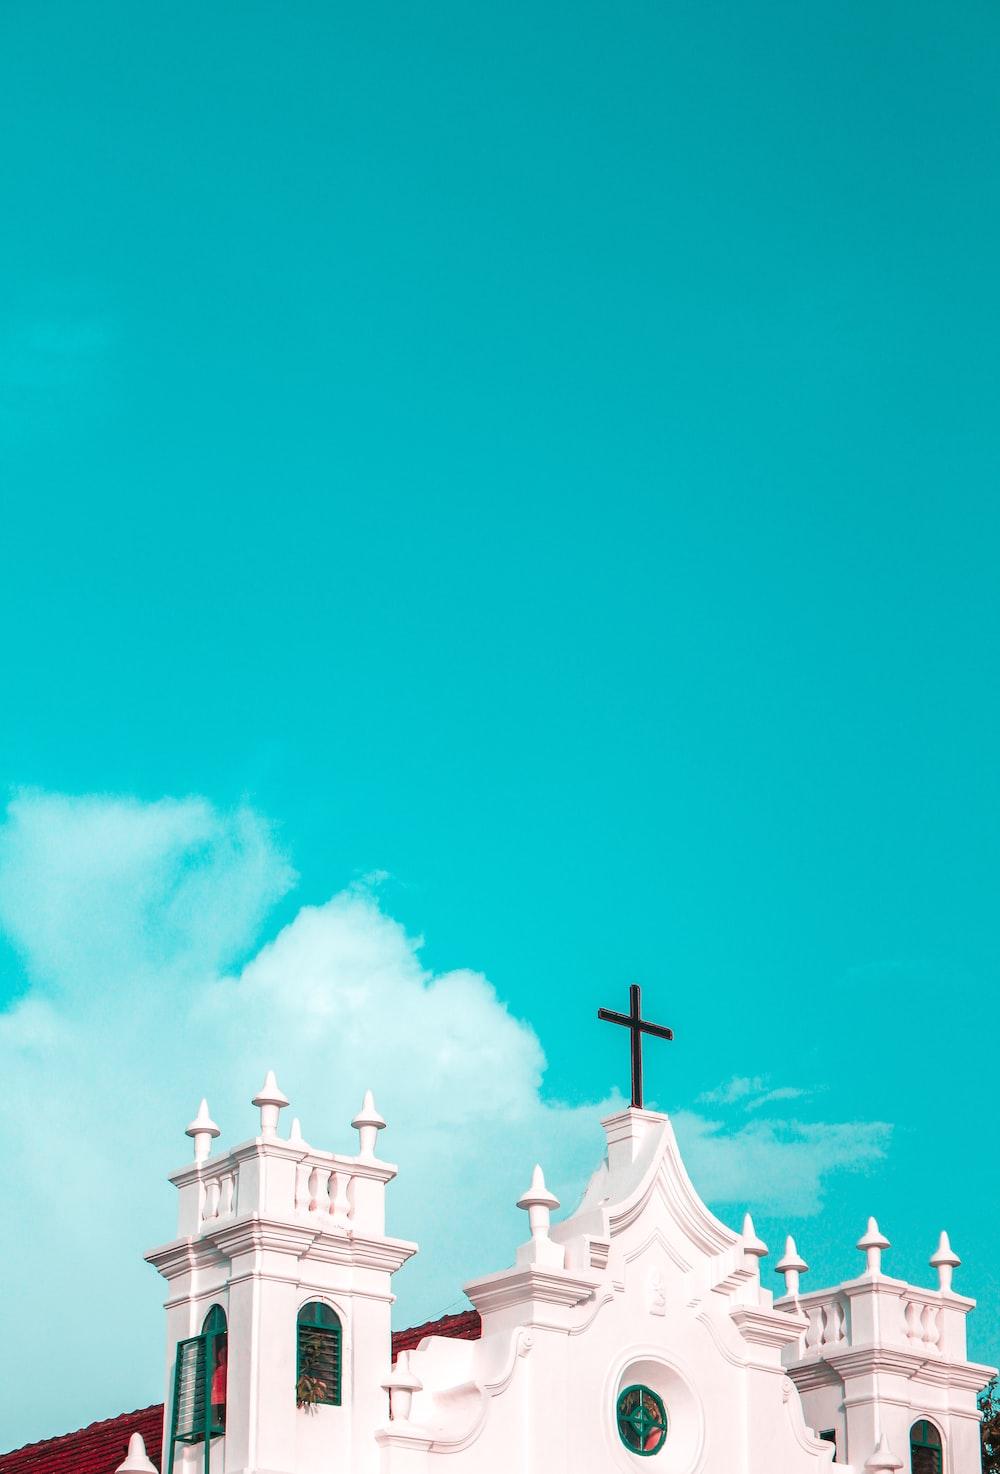 white red church